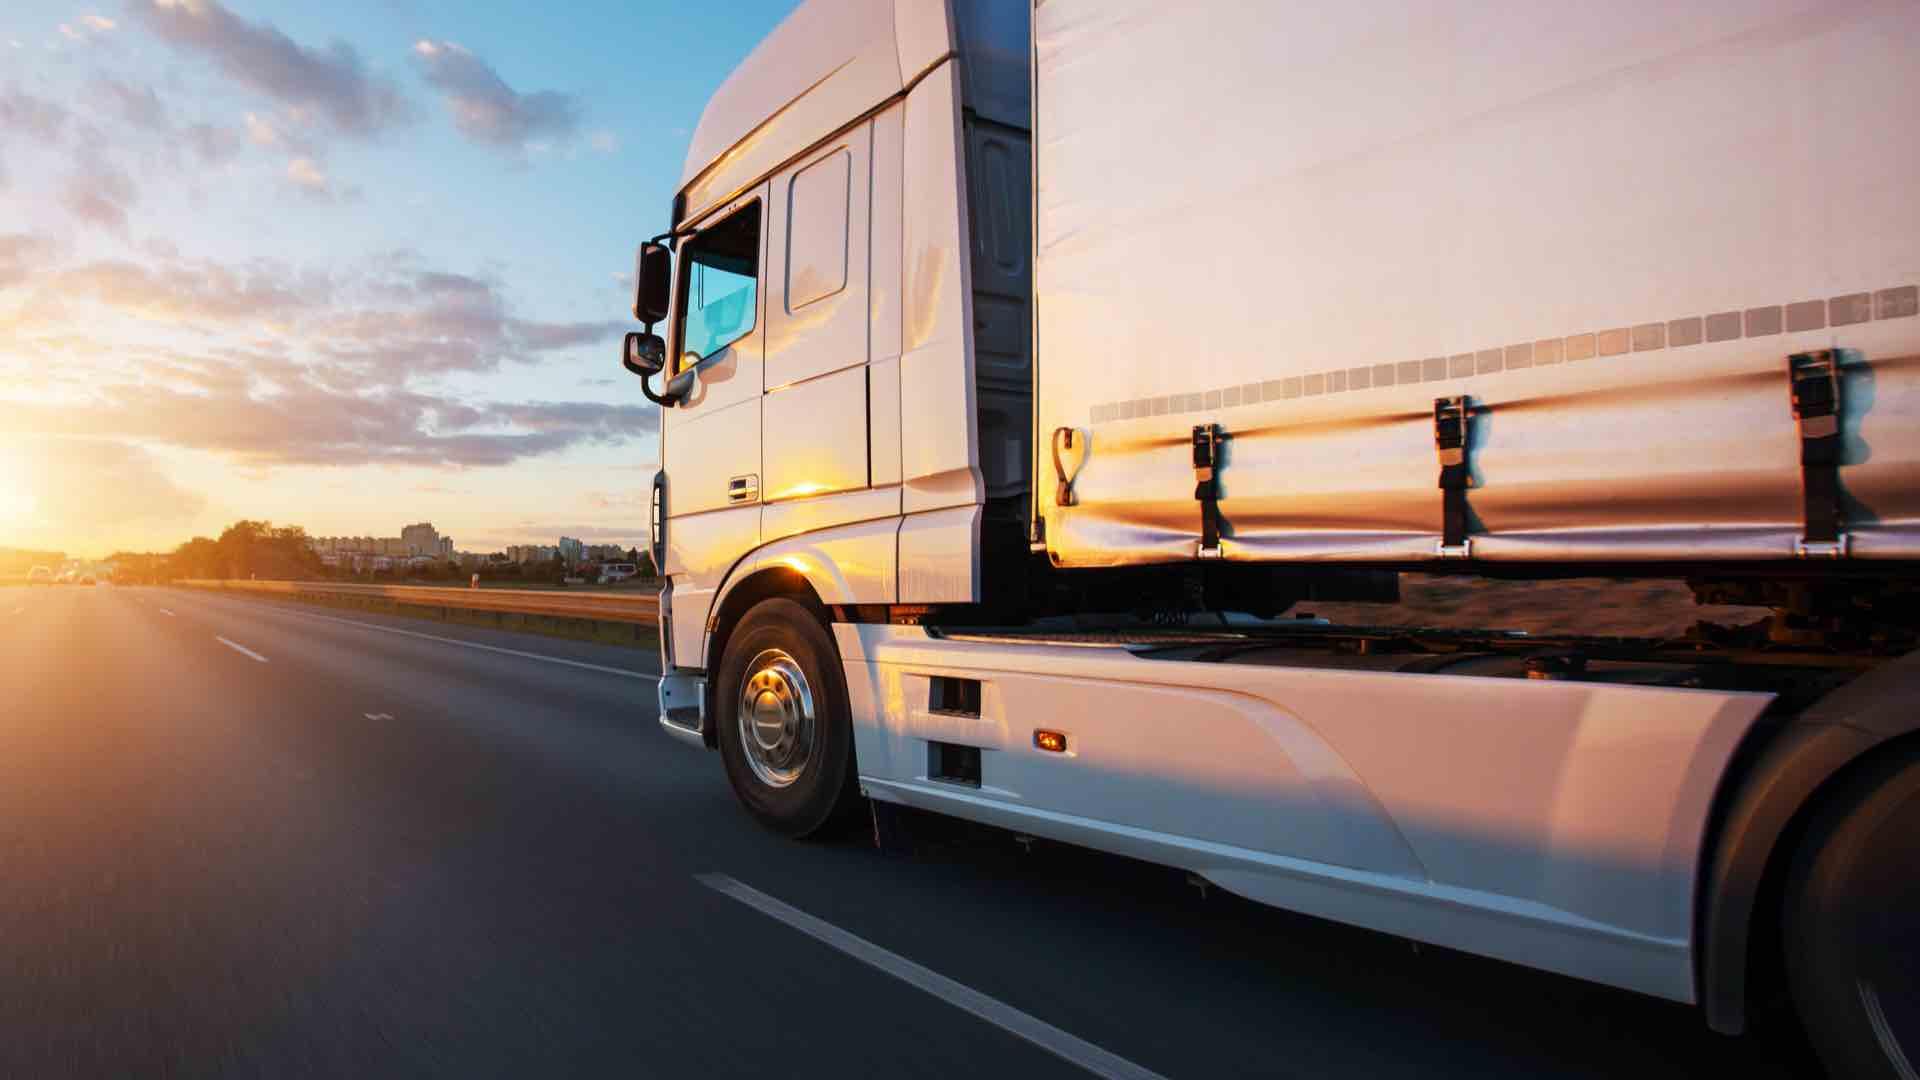 FIAP Validita delle autorizzazioni internazionali al trasporto di merci. Anno 2019.